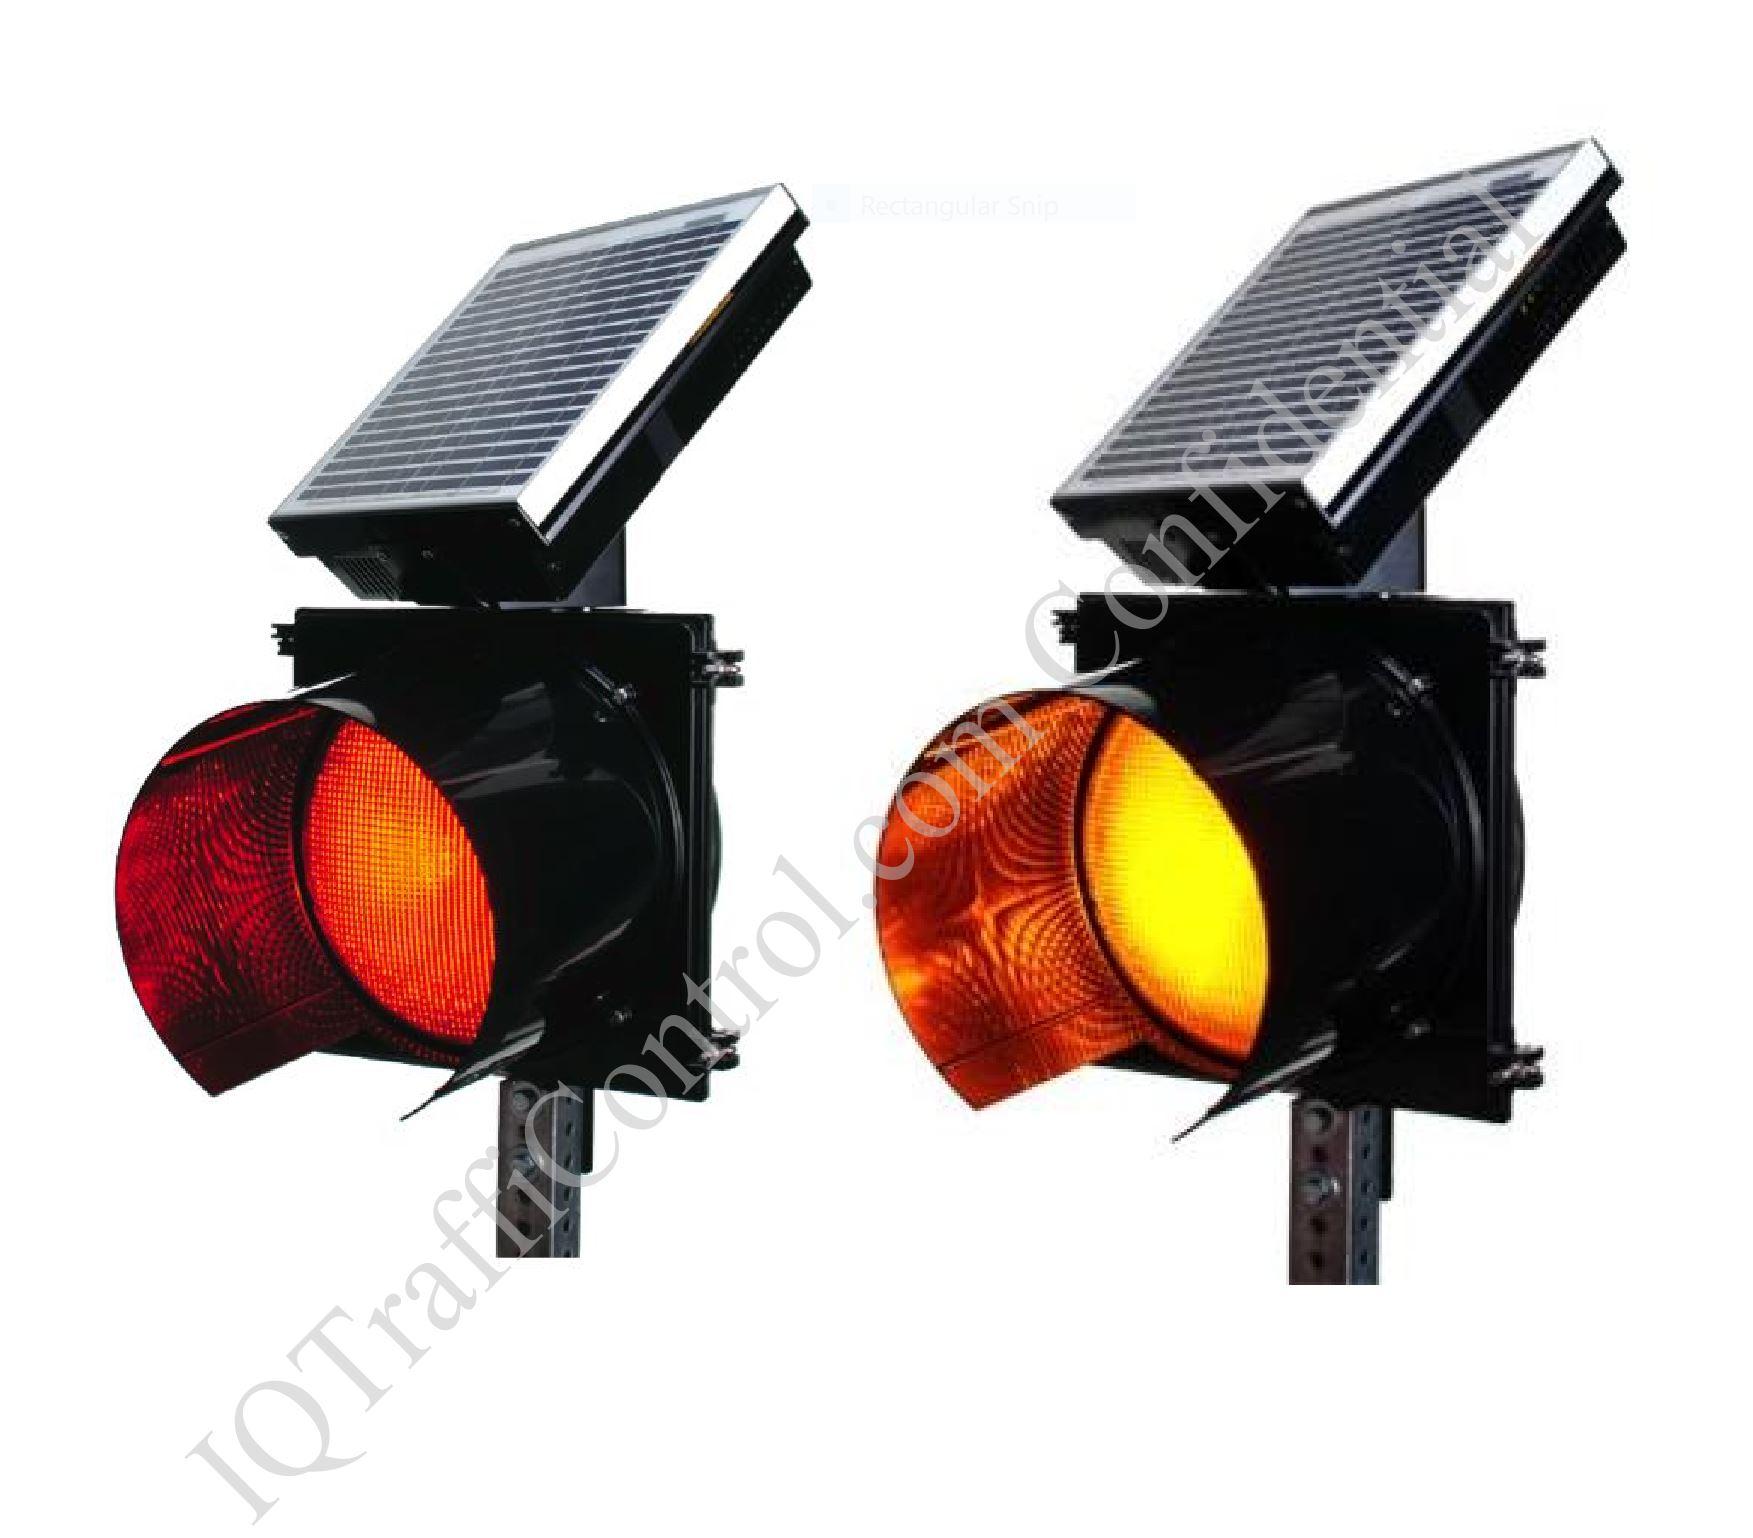 Railroad Crossing Signals, Solar Railroad Crossing Signals, railroad crossing, solar powered railroad crossing signs